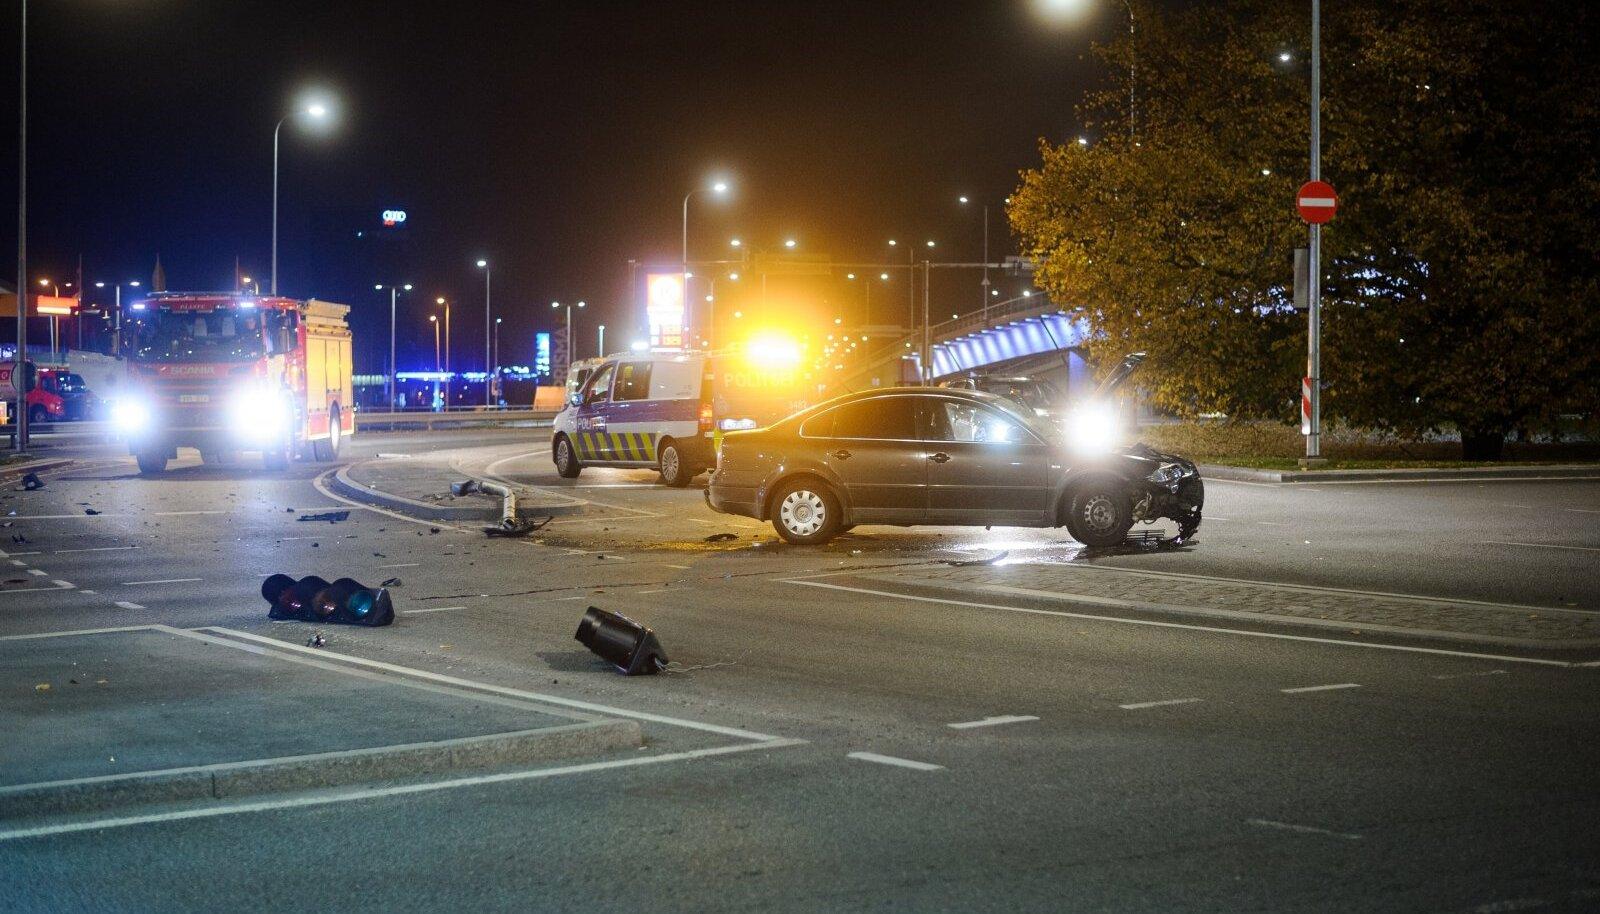 Liiklusõnnetus Haabersti ringil.